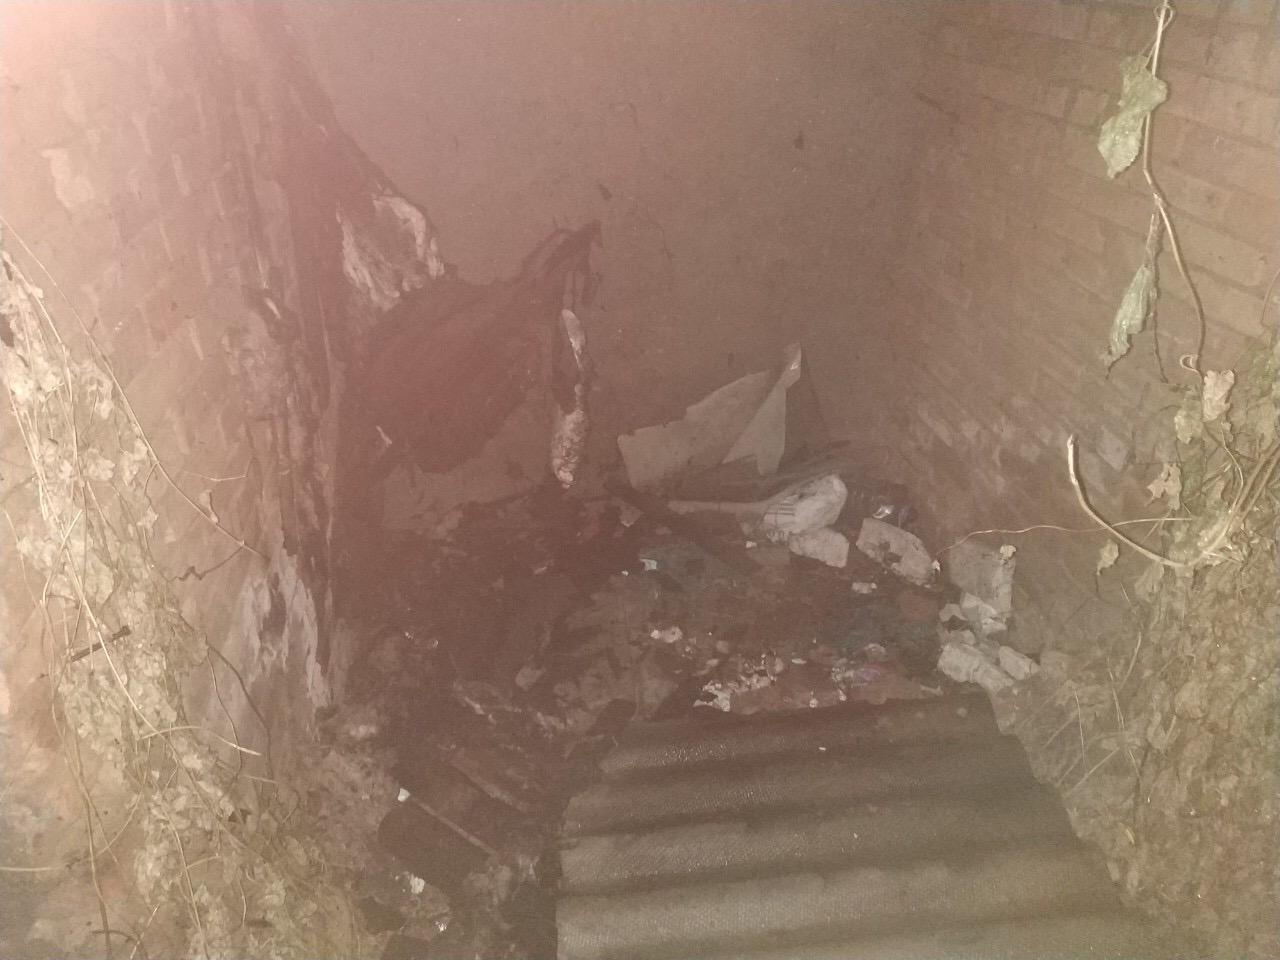 Пожар, возникший в Килии во дворе многоэтажки, перекинулся на сарай